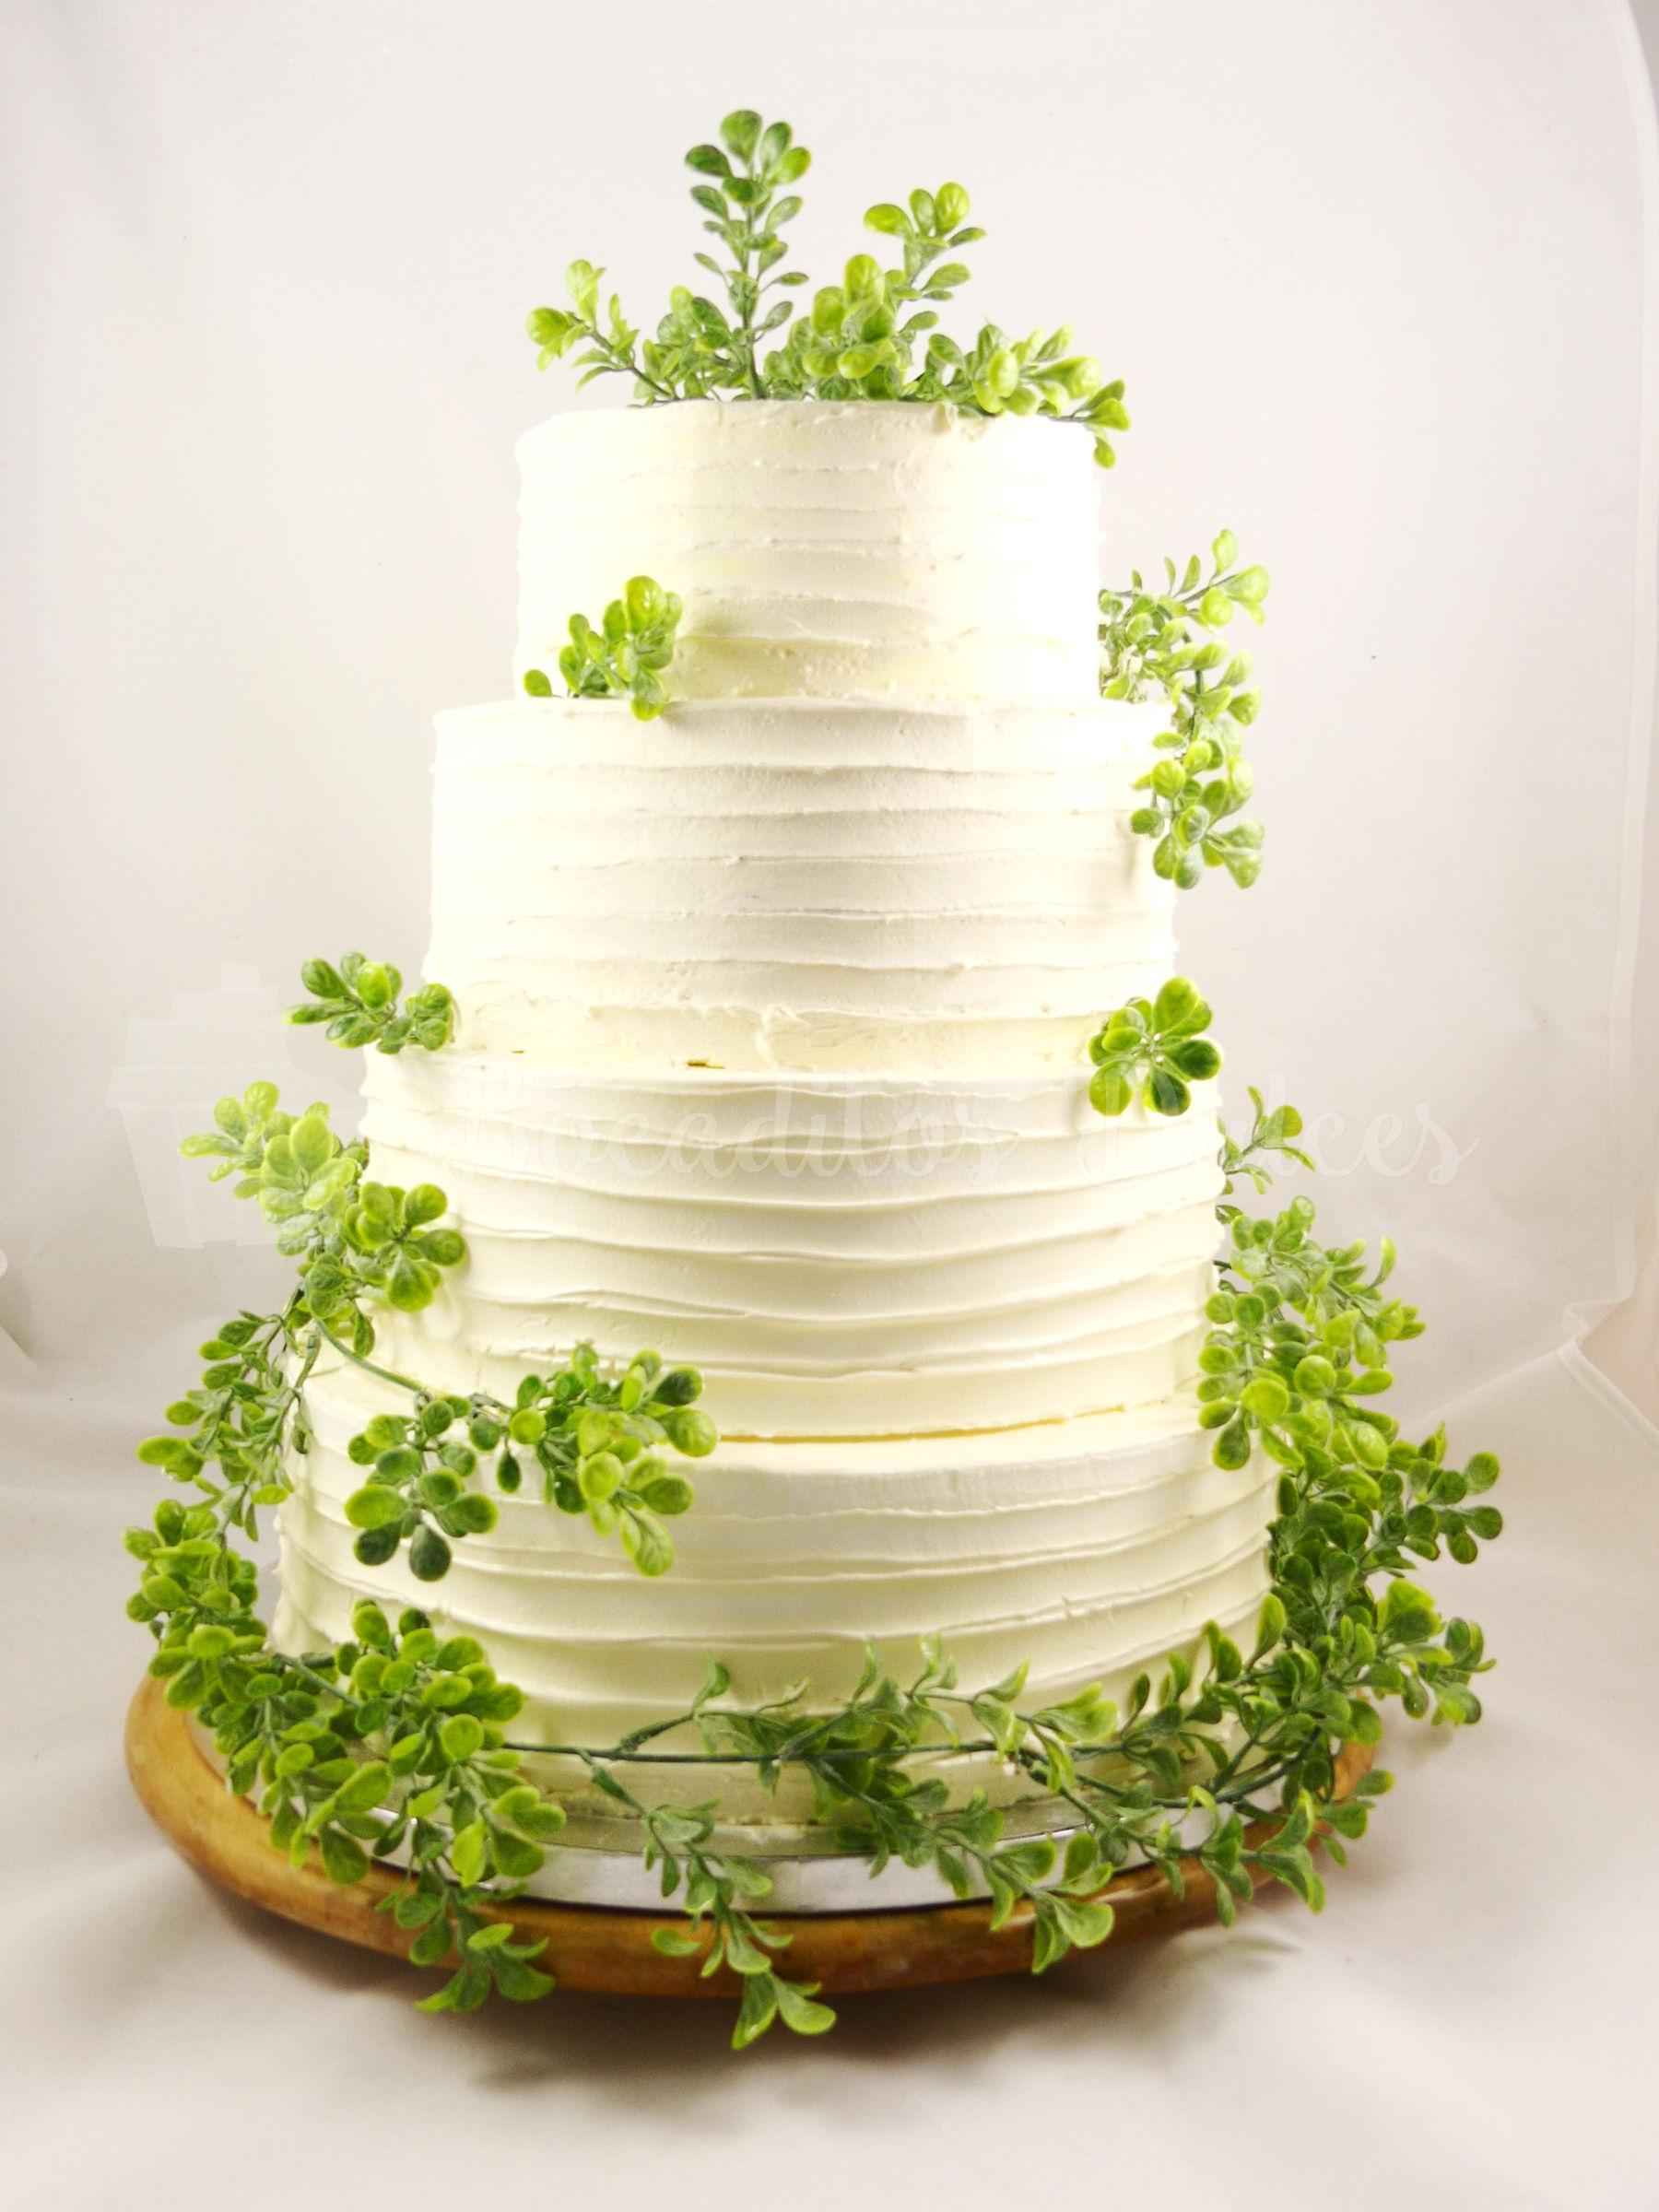 Tarta de cuatro pisos, cubierta de buttercream de color blanco, decorada con hojas .